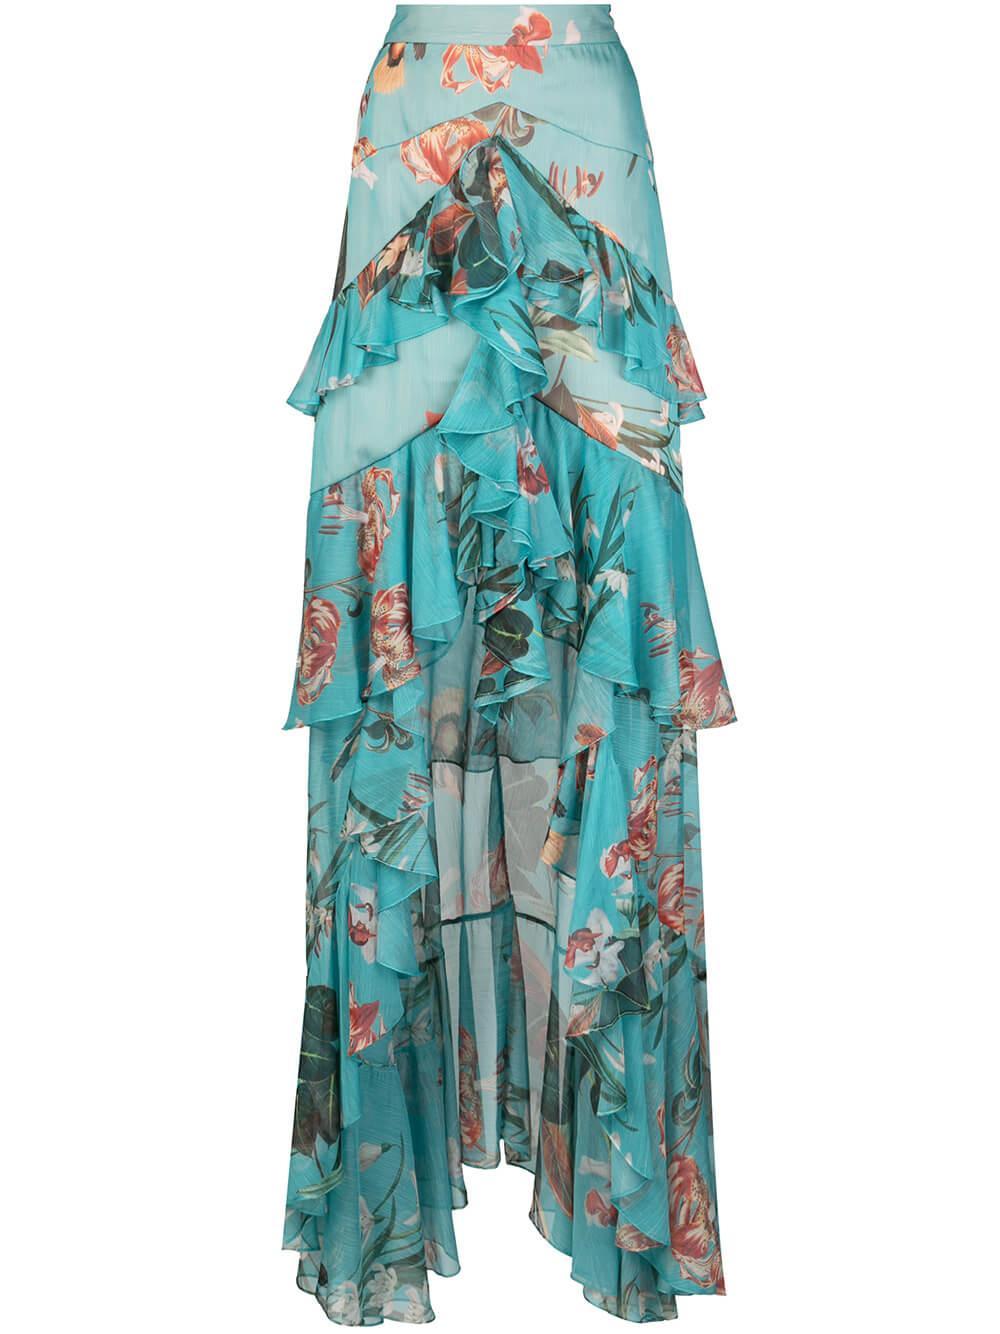 Carolina High Low Maxi Skirt Item # SAL10330US